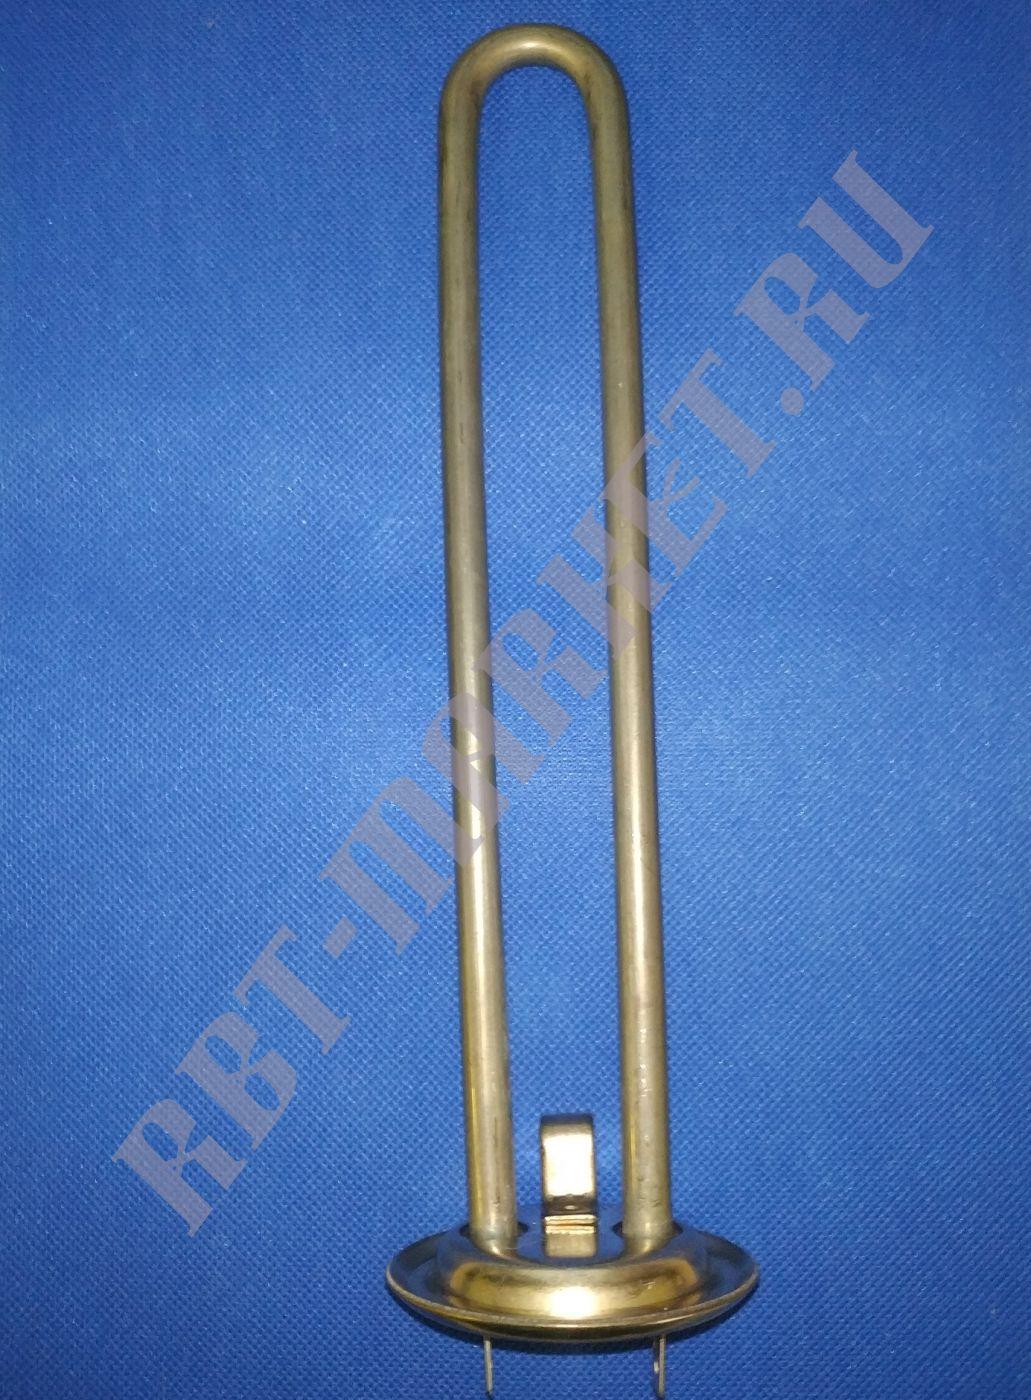 ТЭН для водонагревателя (бойлера) THERMEX 0,7 КВТ